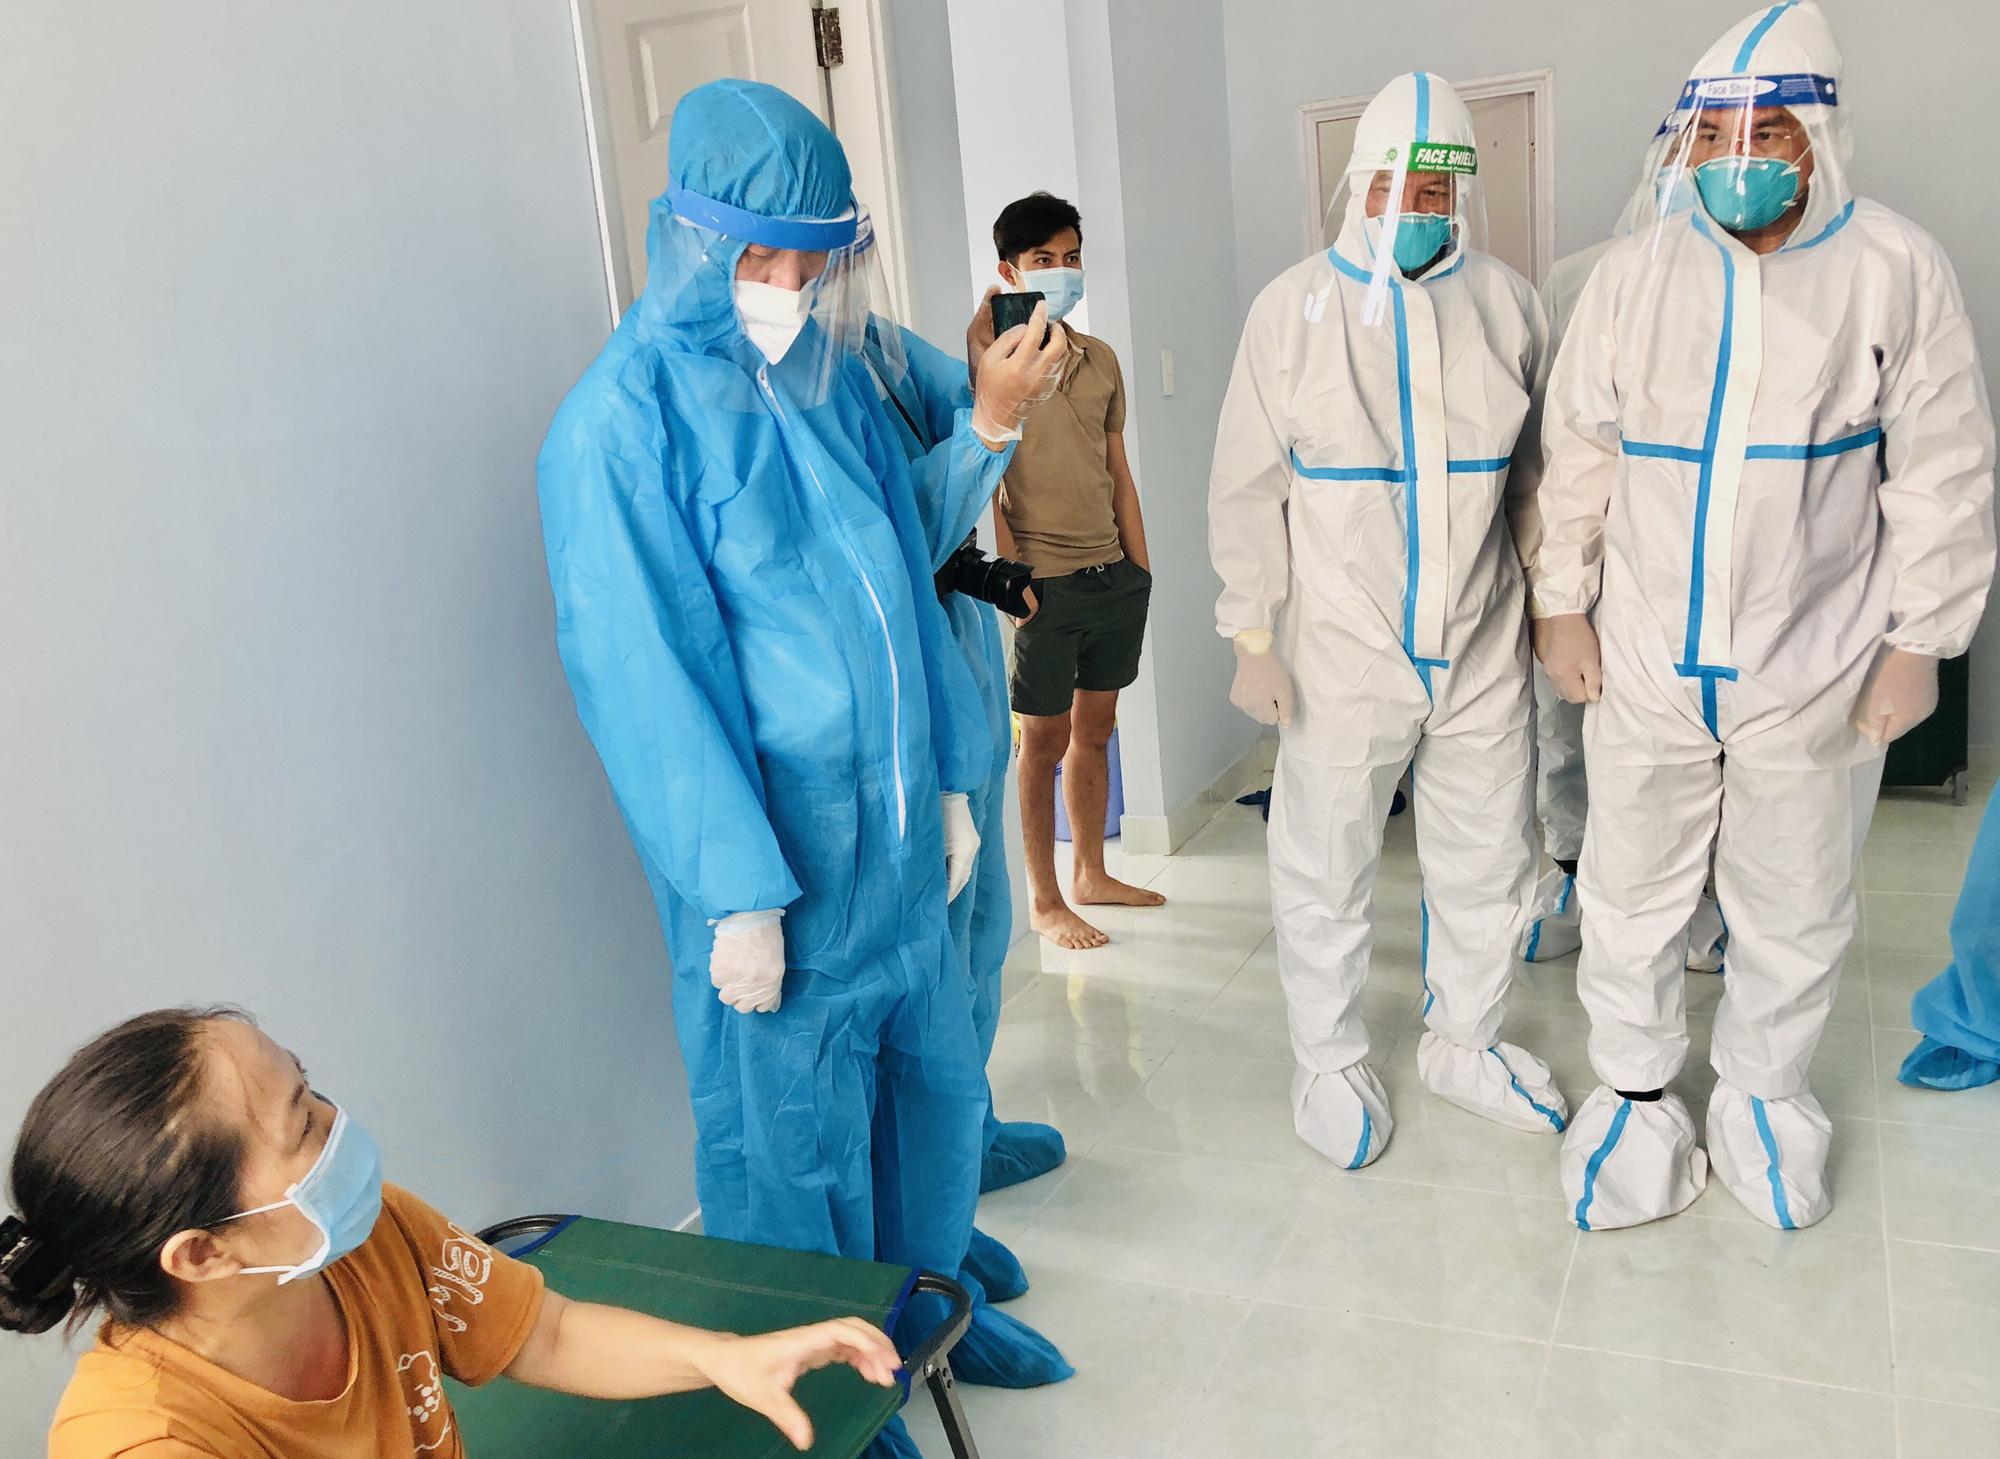 Bí thư Nguyễn Văn Nên kiểm tra Bệnh viện dã chiến thu dung điều trị COVID-19 số 4 - Ảnh 1.